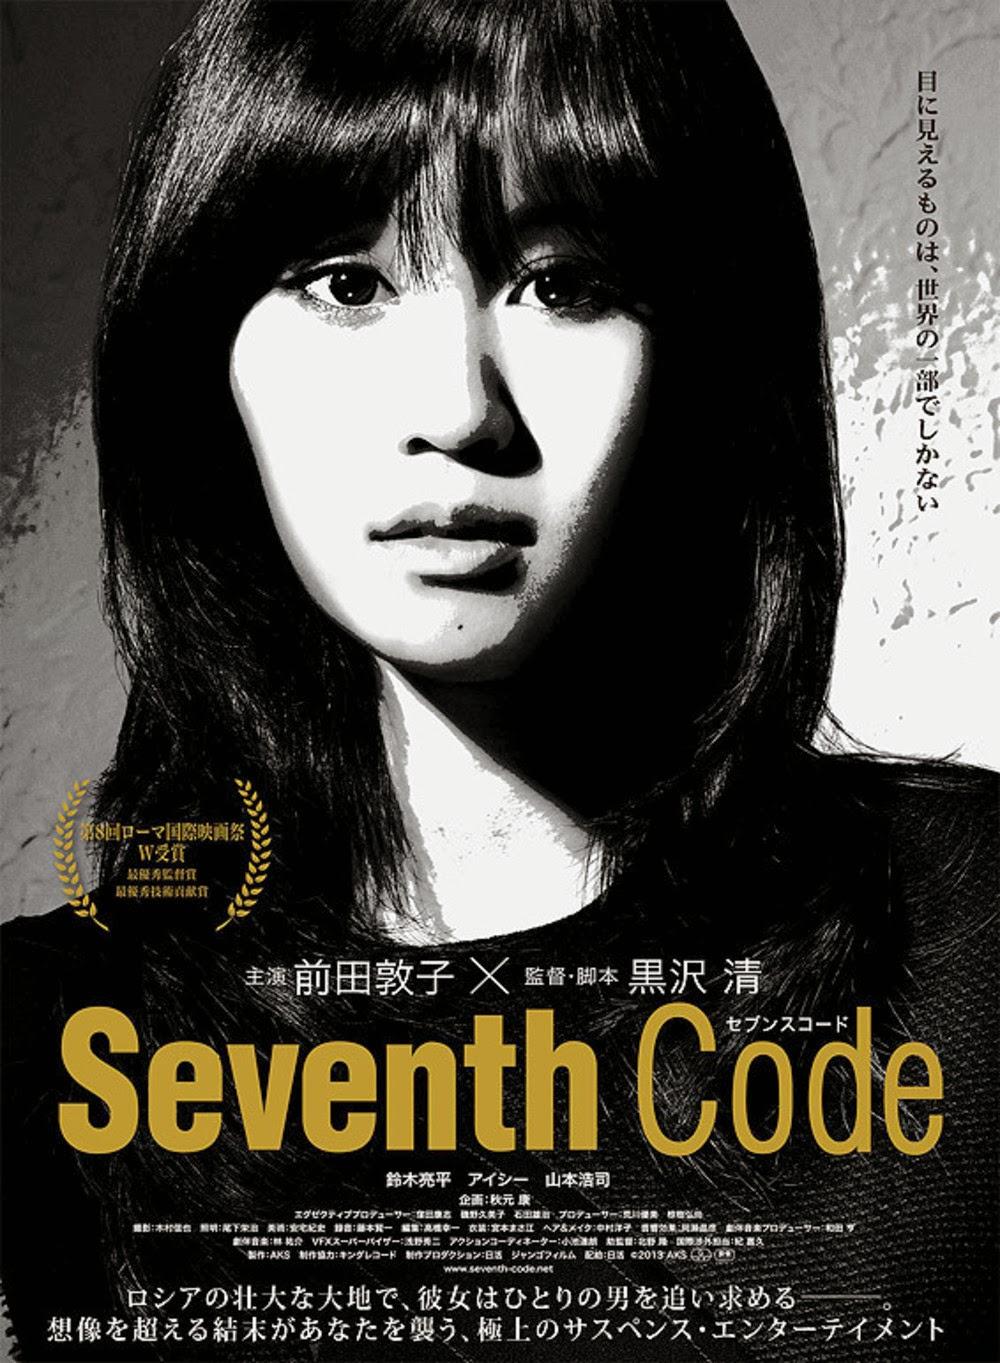 前田敦子 セブンスコード 歌詞 Maeda Atsuko Seventh Code lyrics